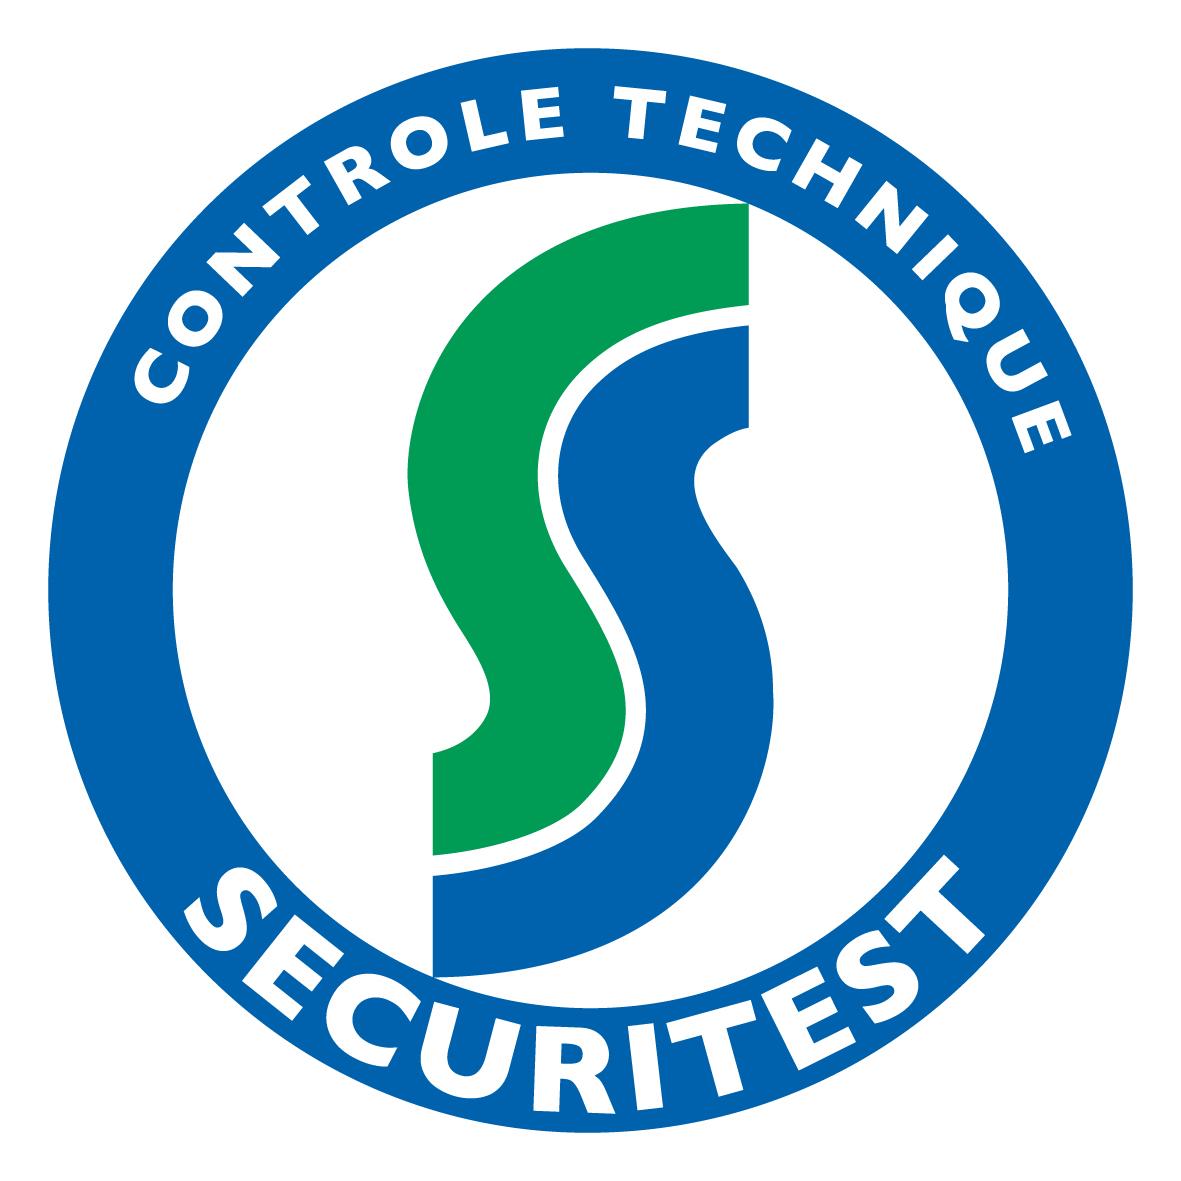 Sécuritest Contrôle Technique Automobile contrôle technique auto